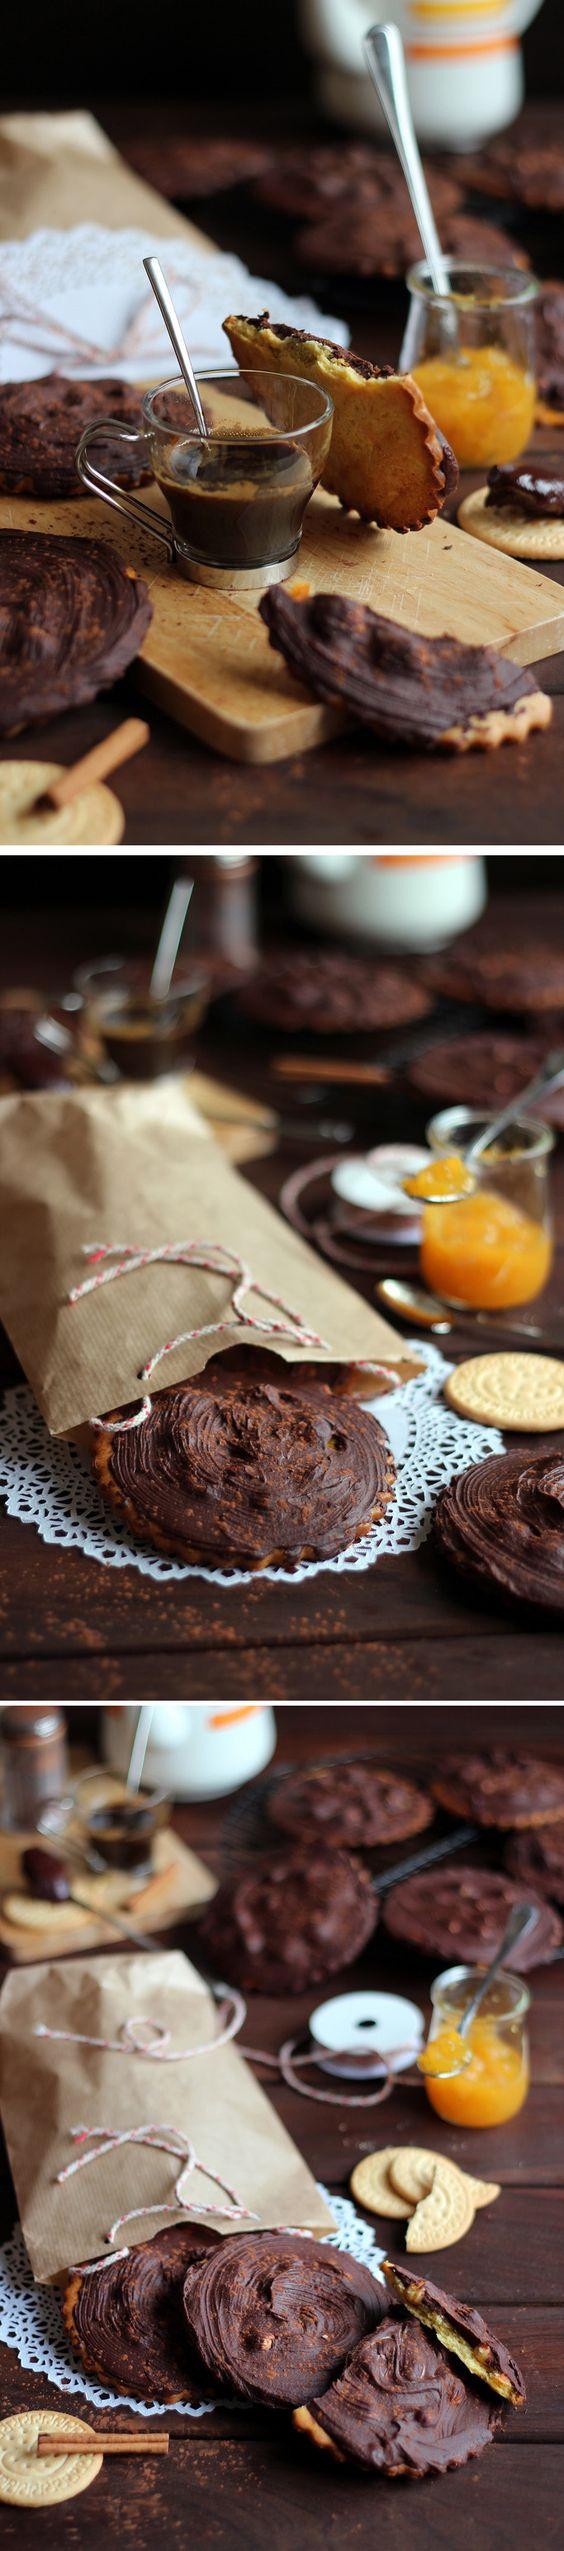 Galletas gigantes de chocolate y avellanas